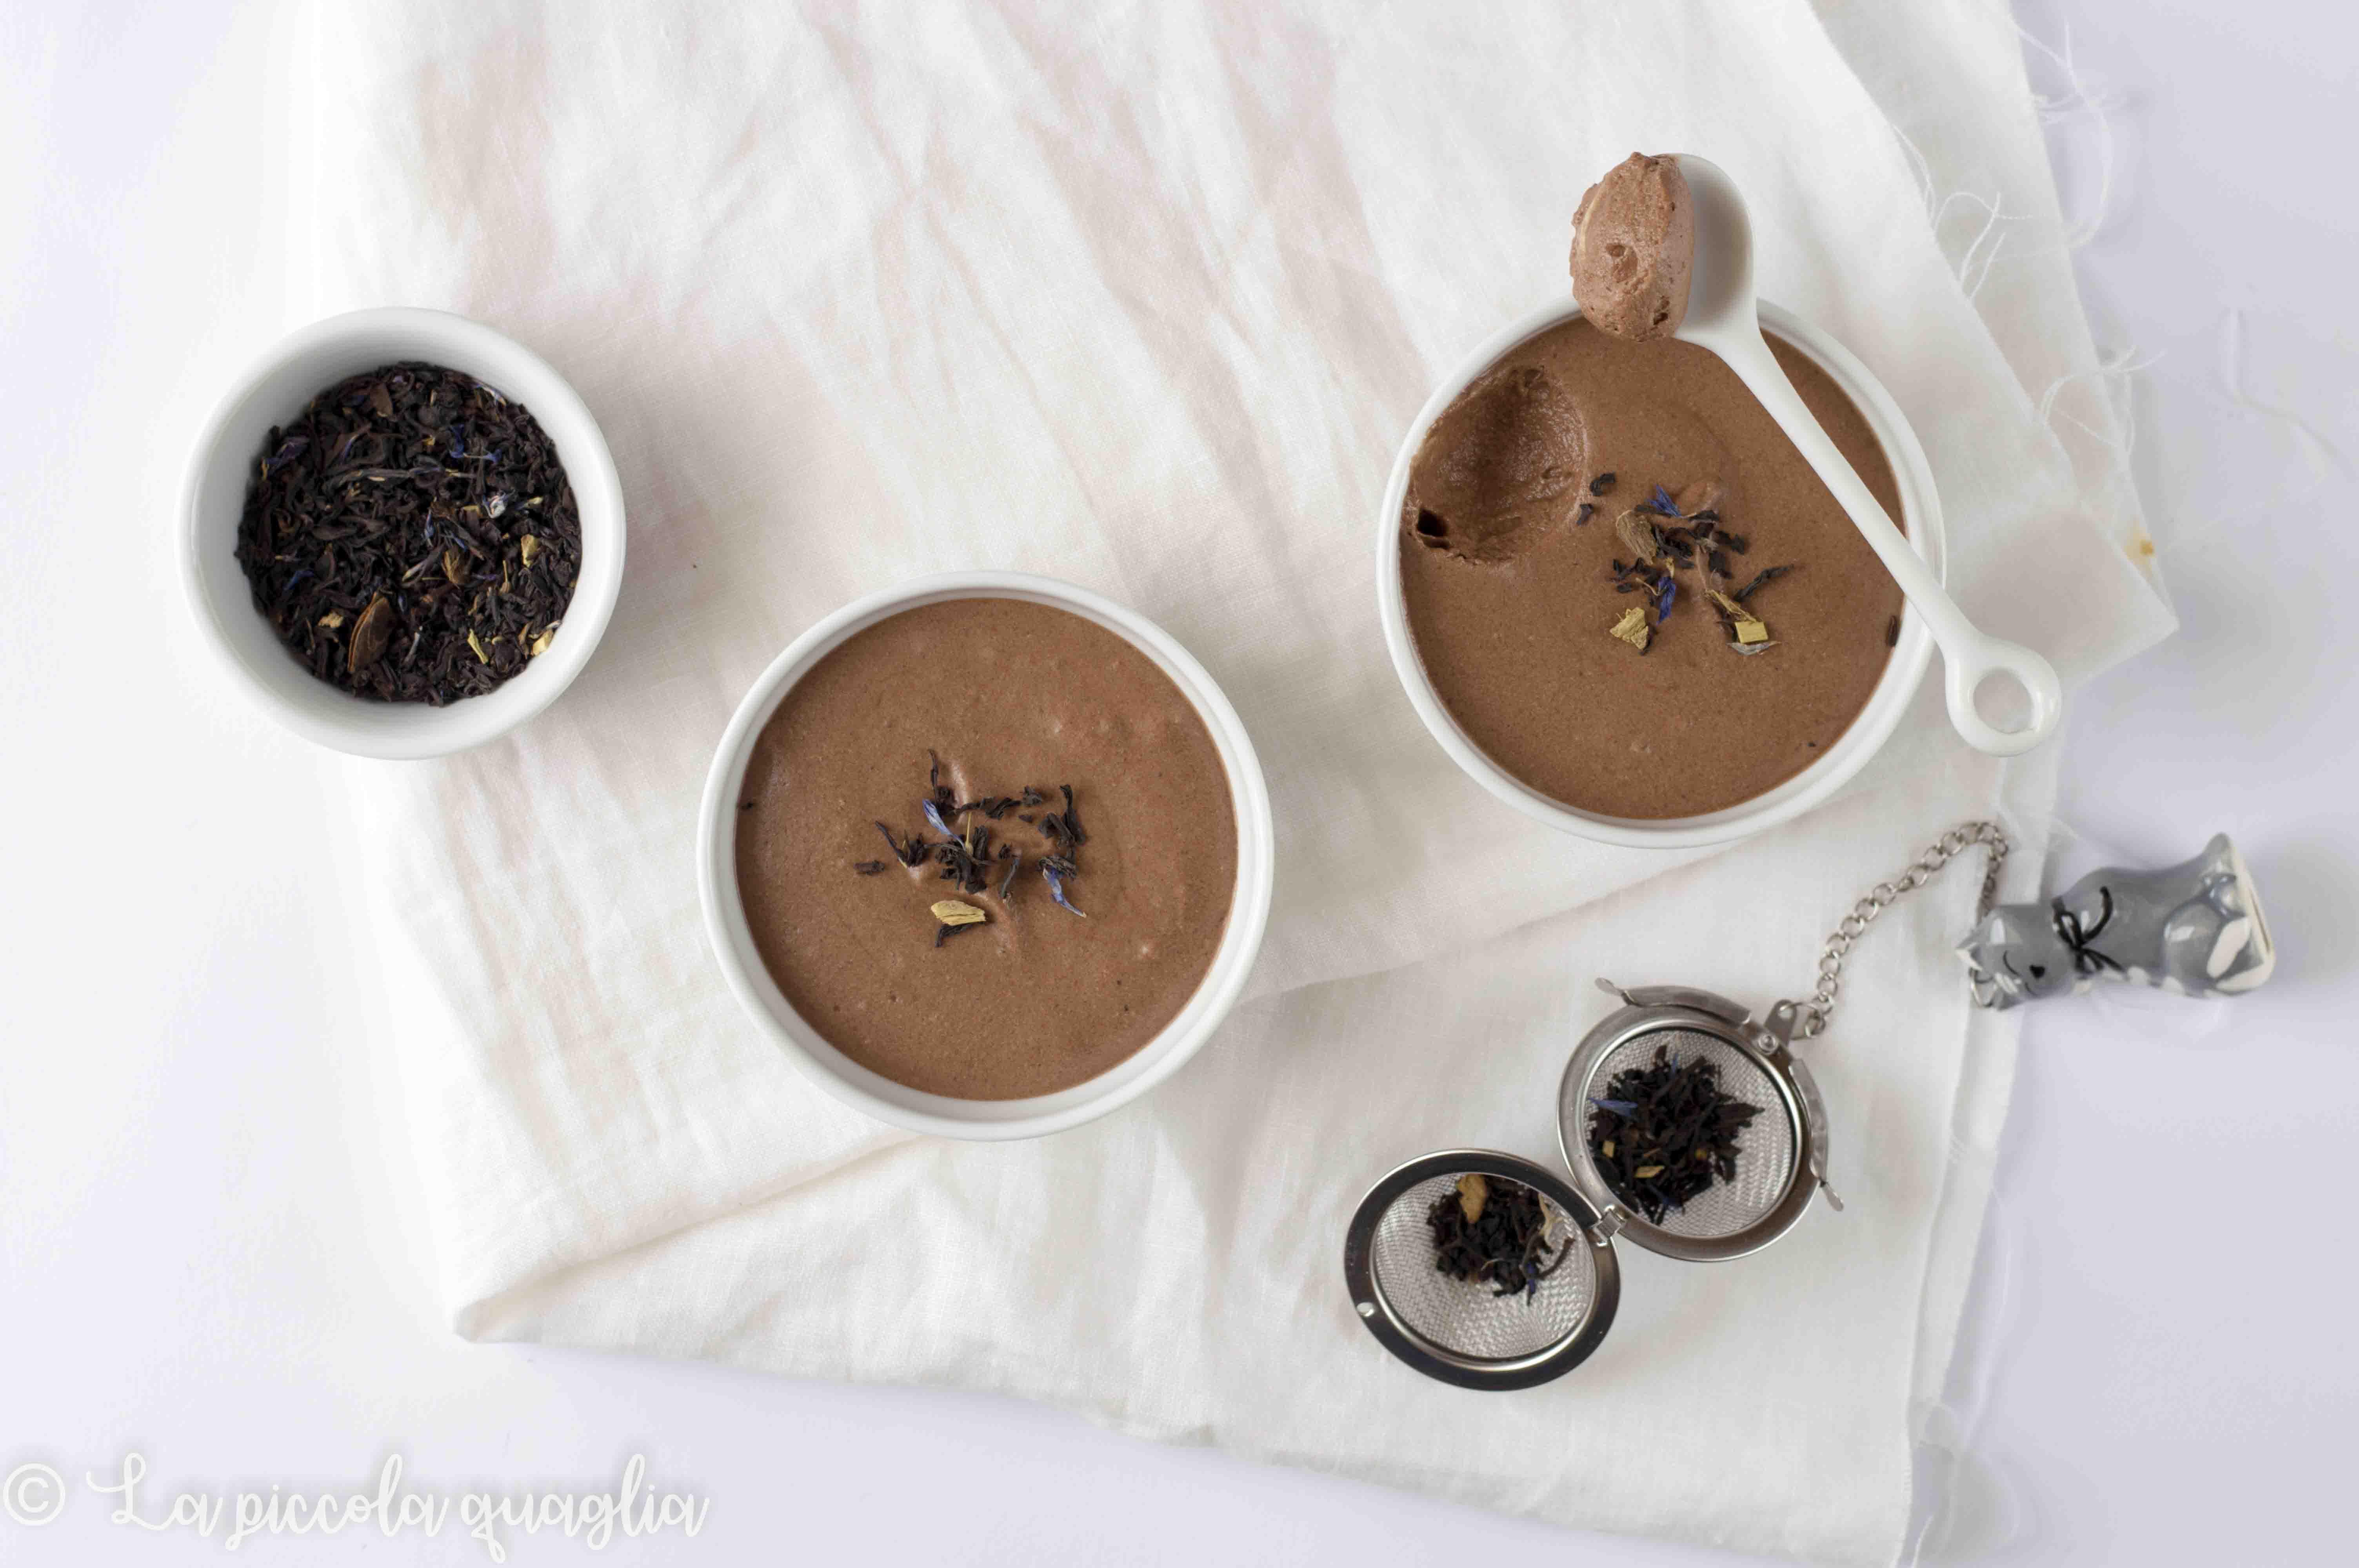 L'angolo del tè: mousse al cioccolato e tè alla liquirizia